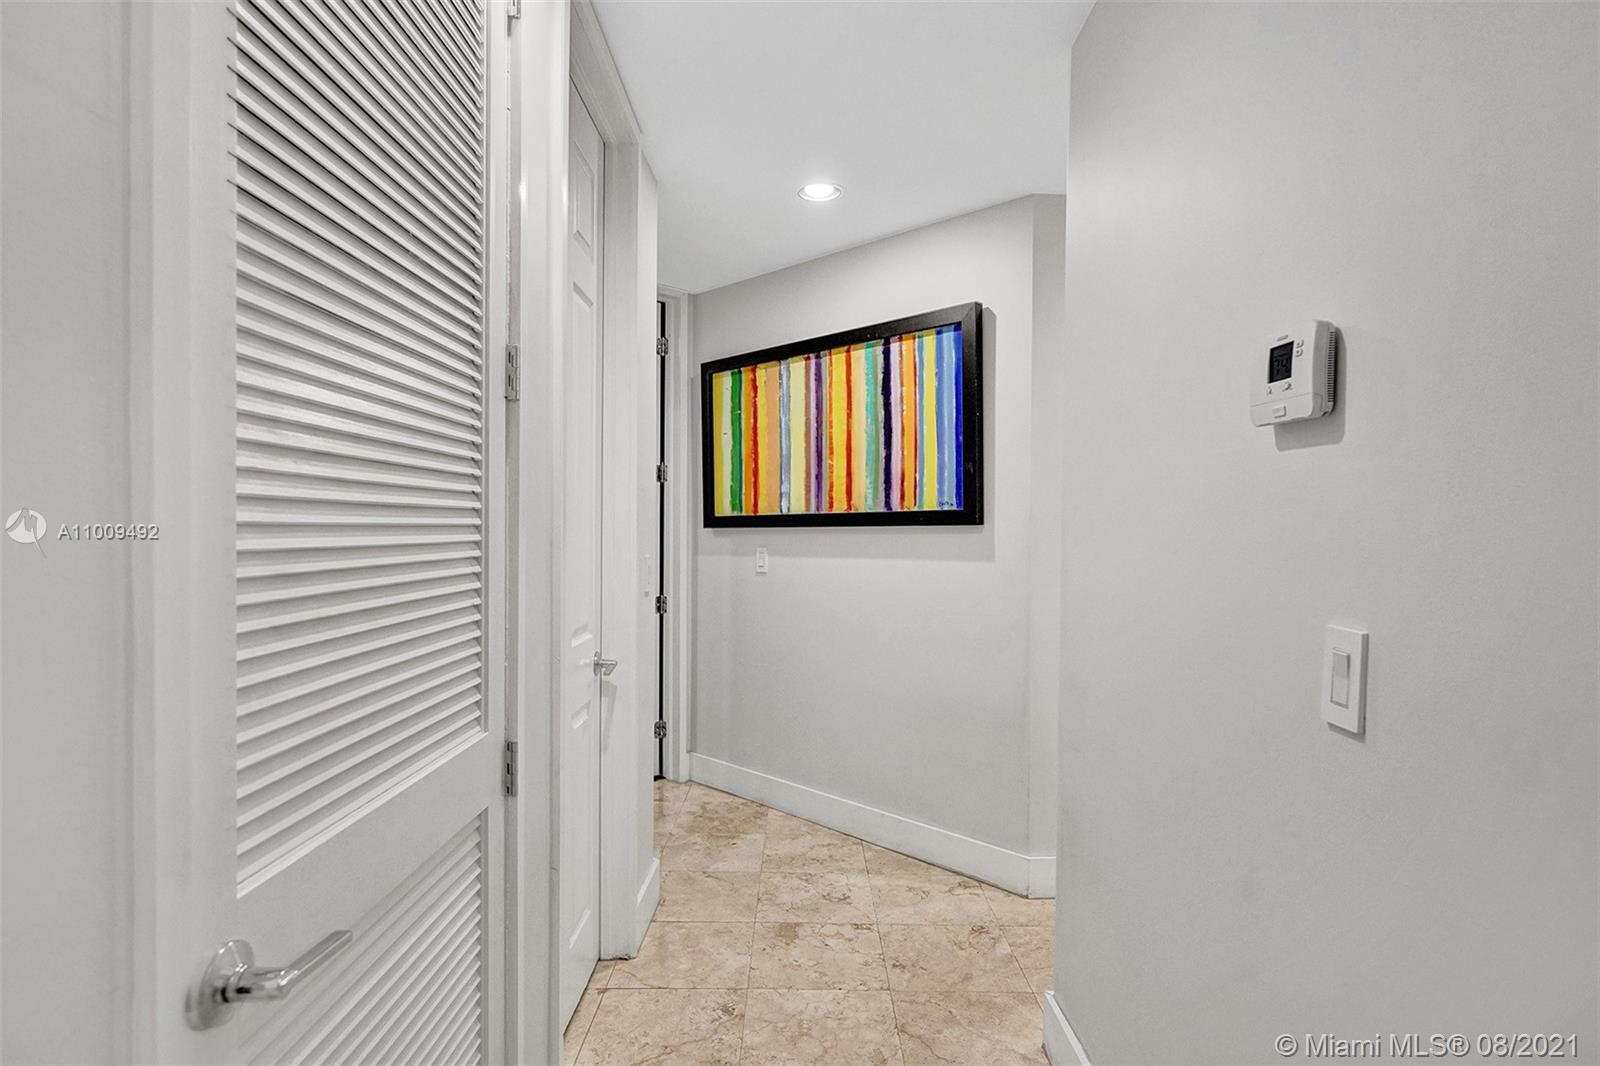 Hallway to Bedroom 5&6